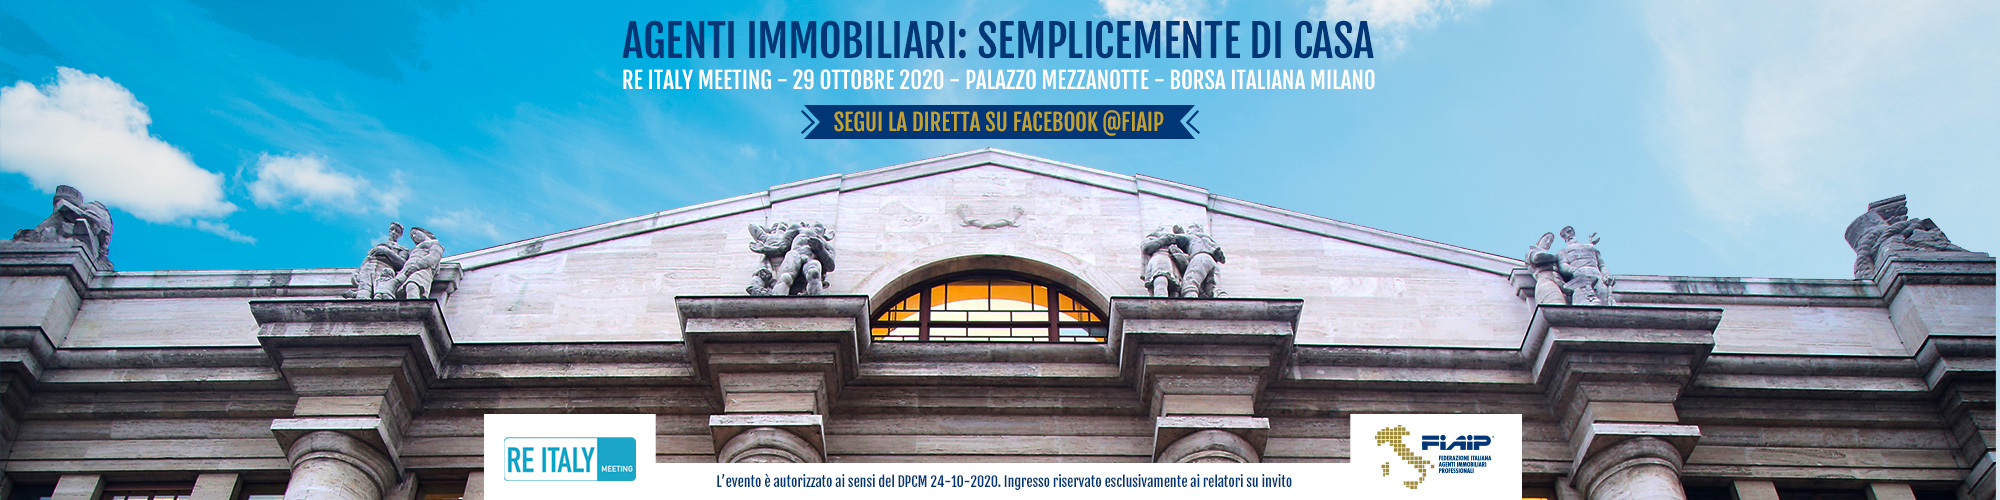 FIAIP: 'Agenti Immobiliari – Semplicemente di casa'  – RE ITALY Meeting, 29 ottobre 2020